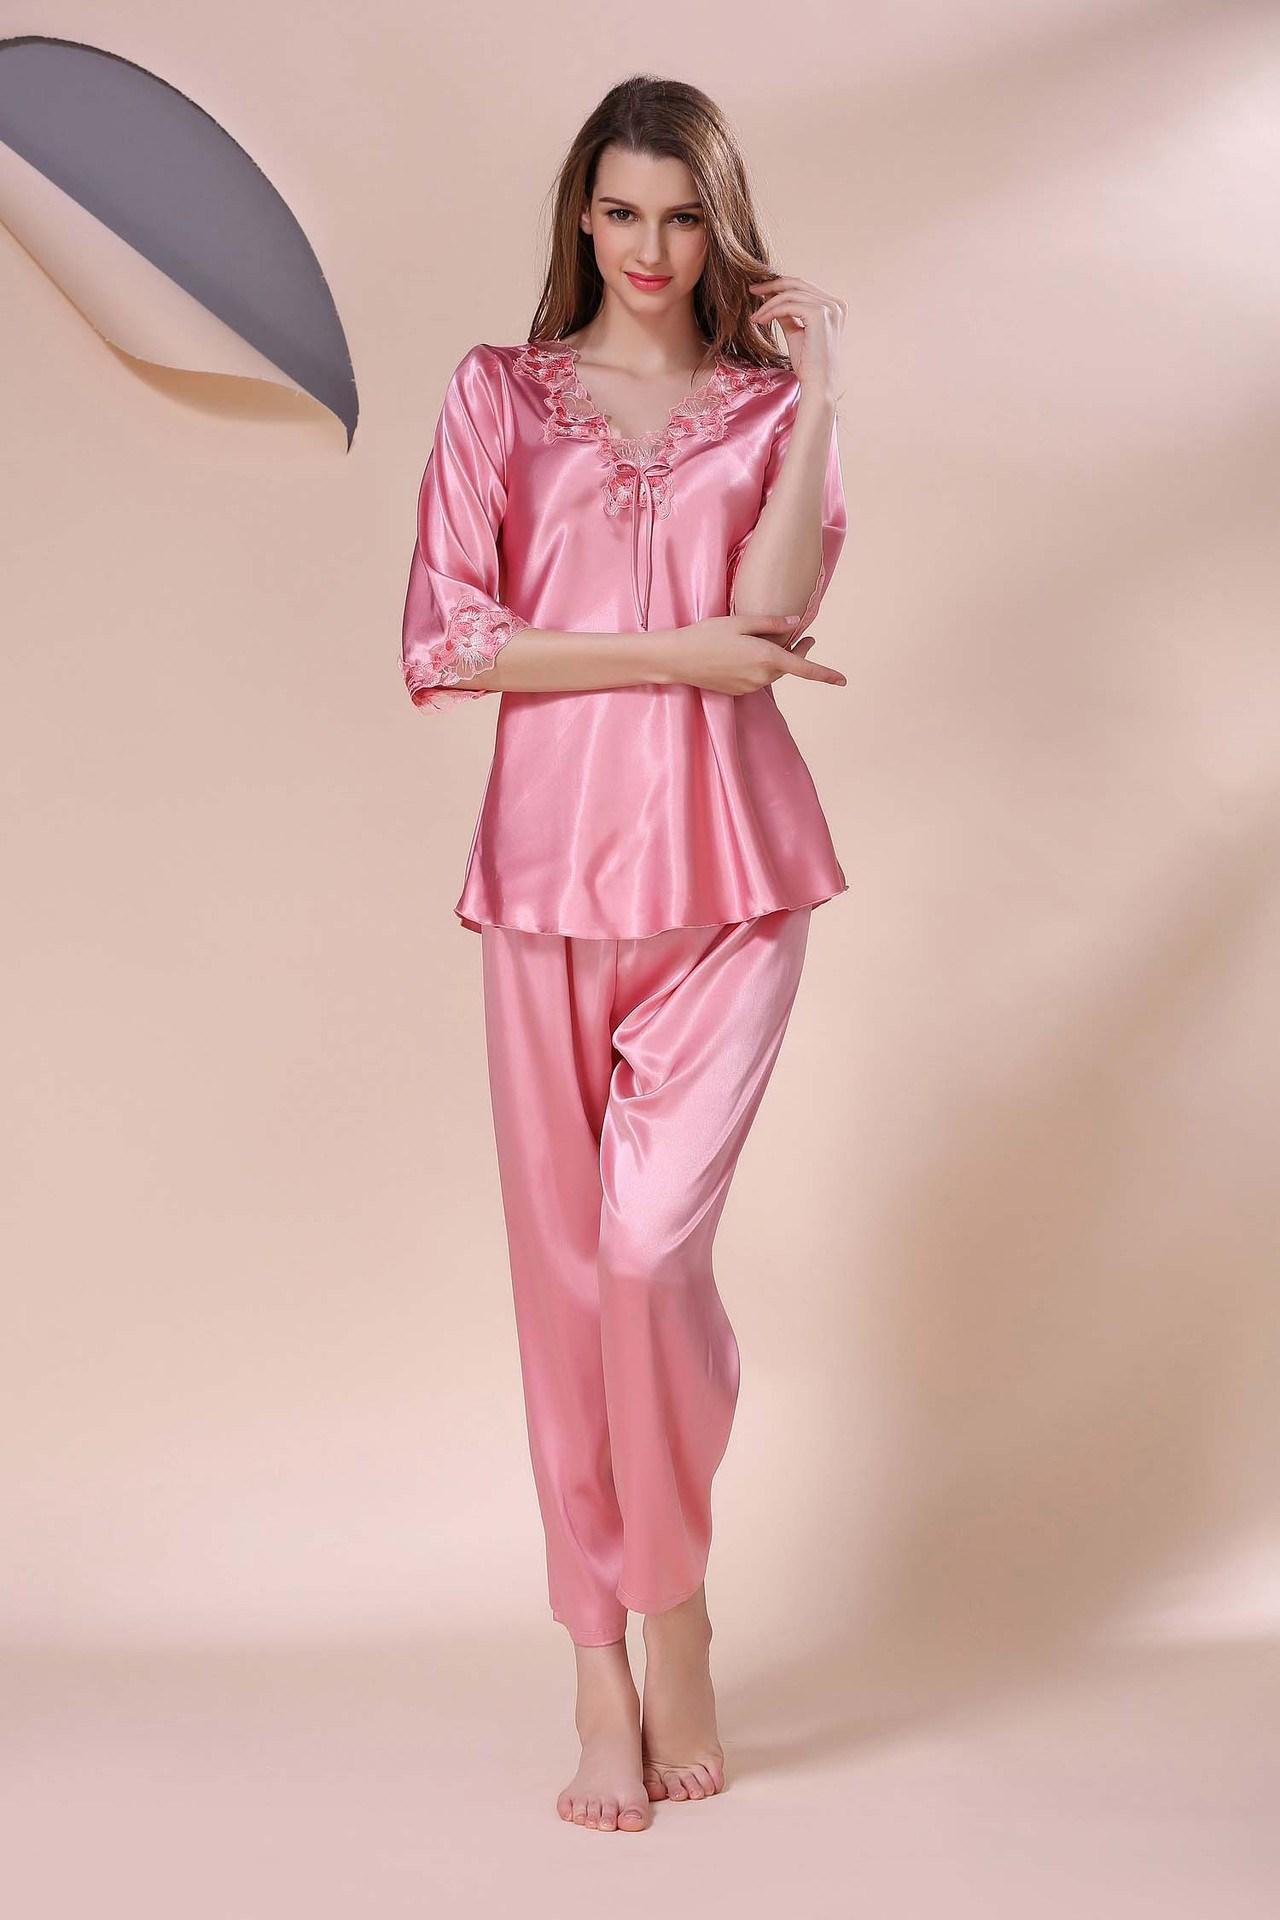 75a2c3e44ba China Sexy Lingerie Sleepwear Nightwear Women Silk Pajamas SY10306905 - China  Pajamas